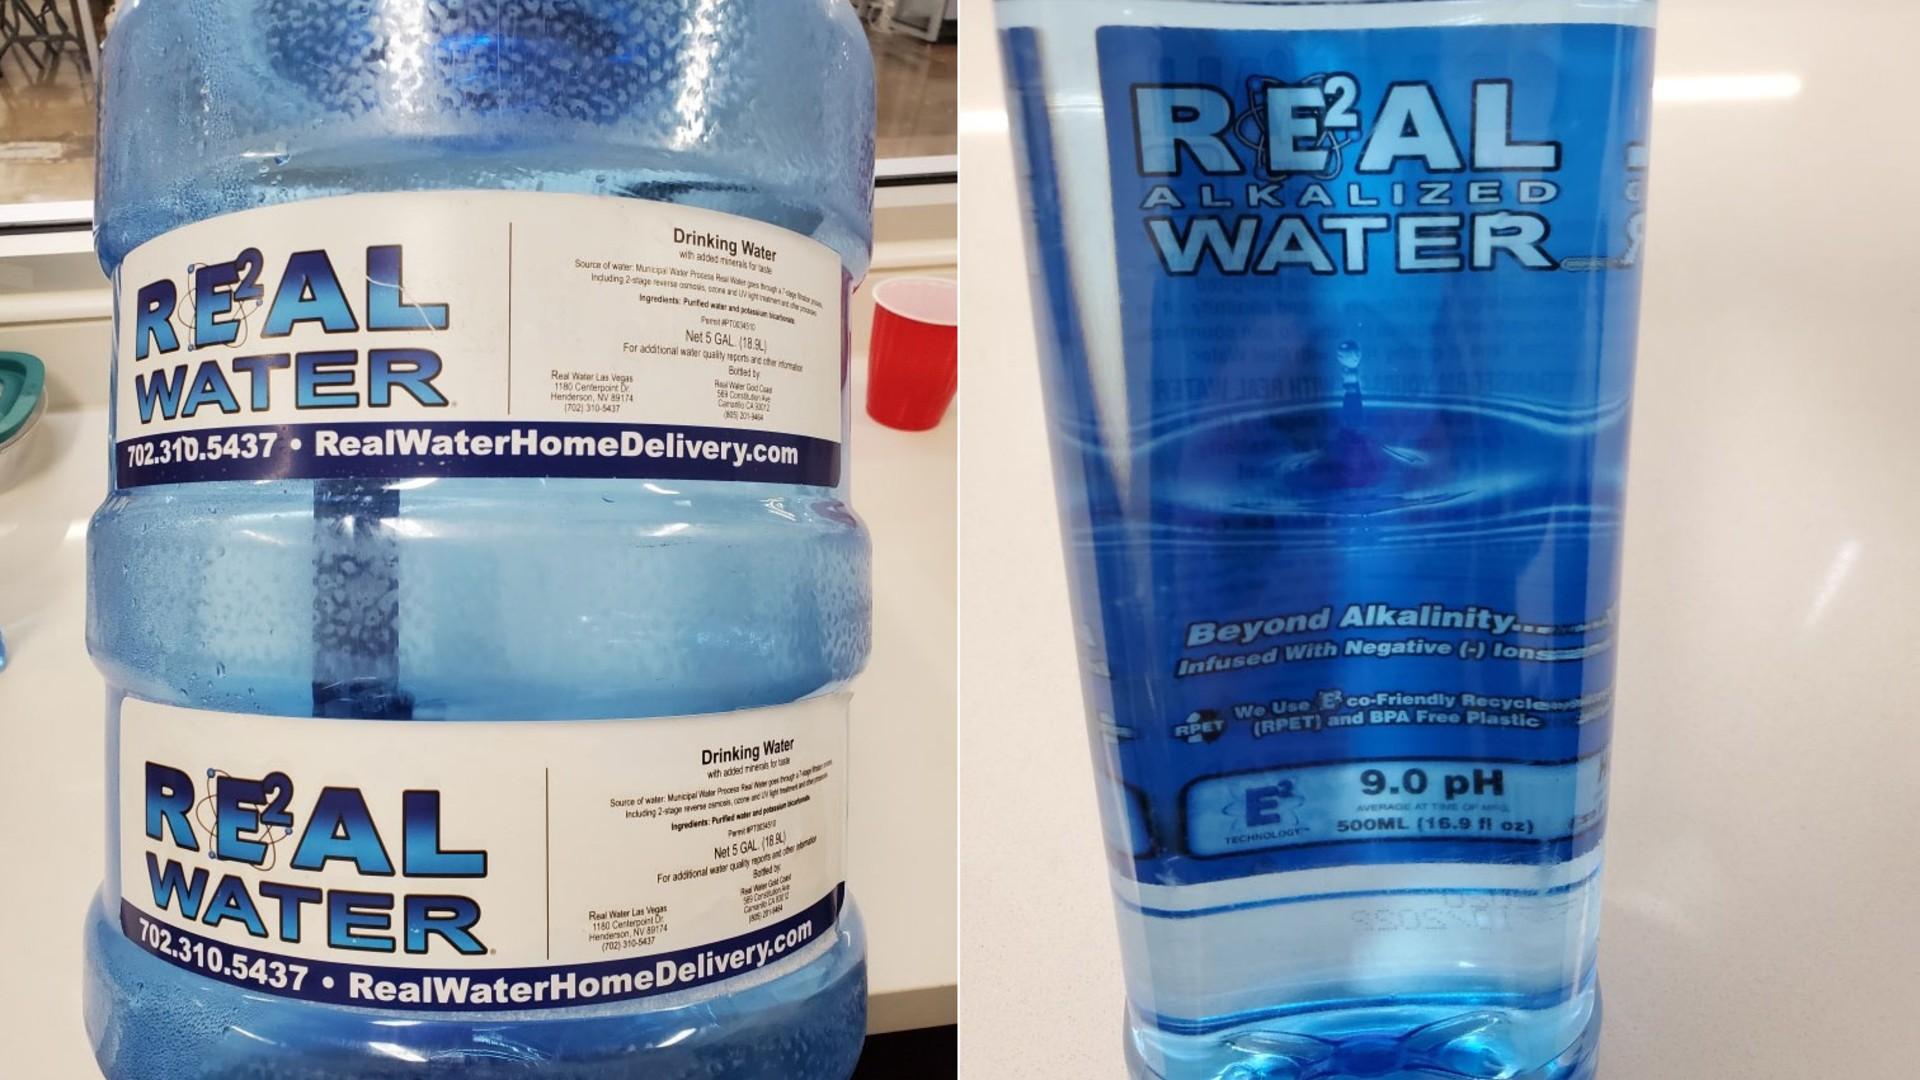 洛杉矶县官员敦促民众不要使用Real Water品牌碱性水